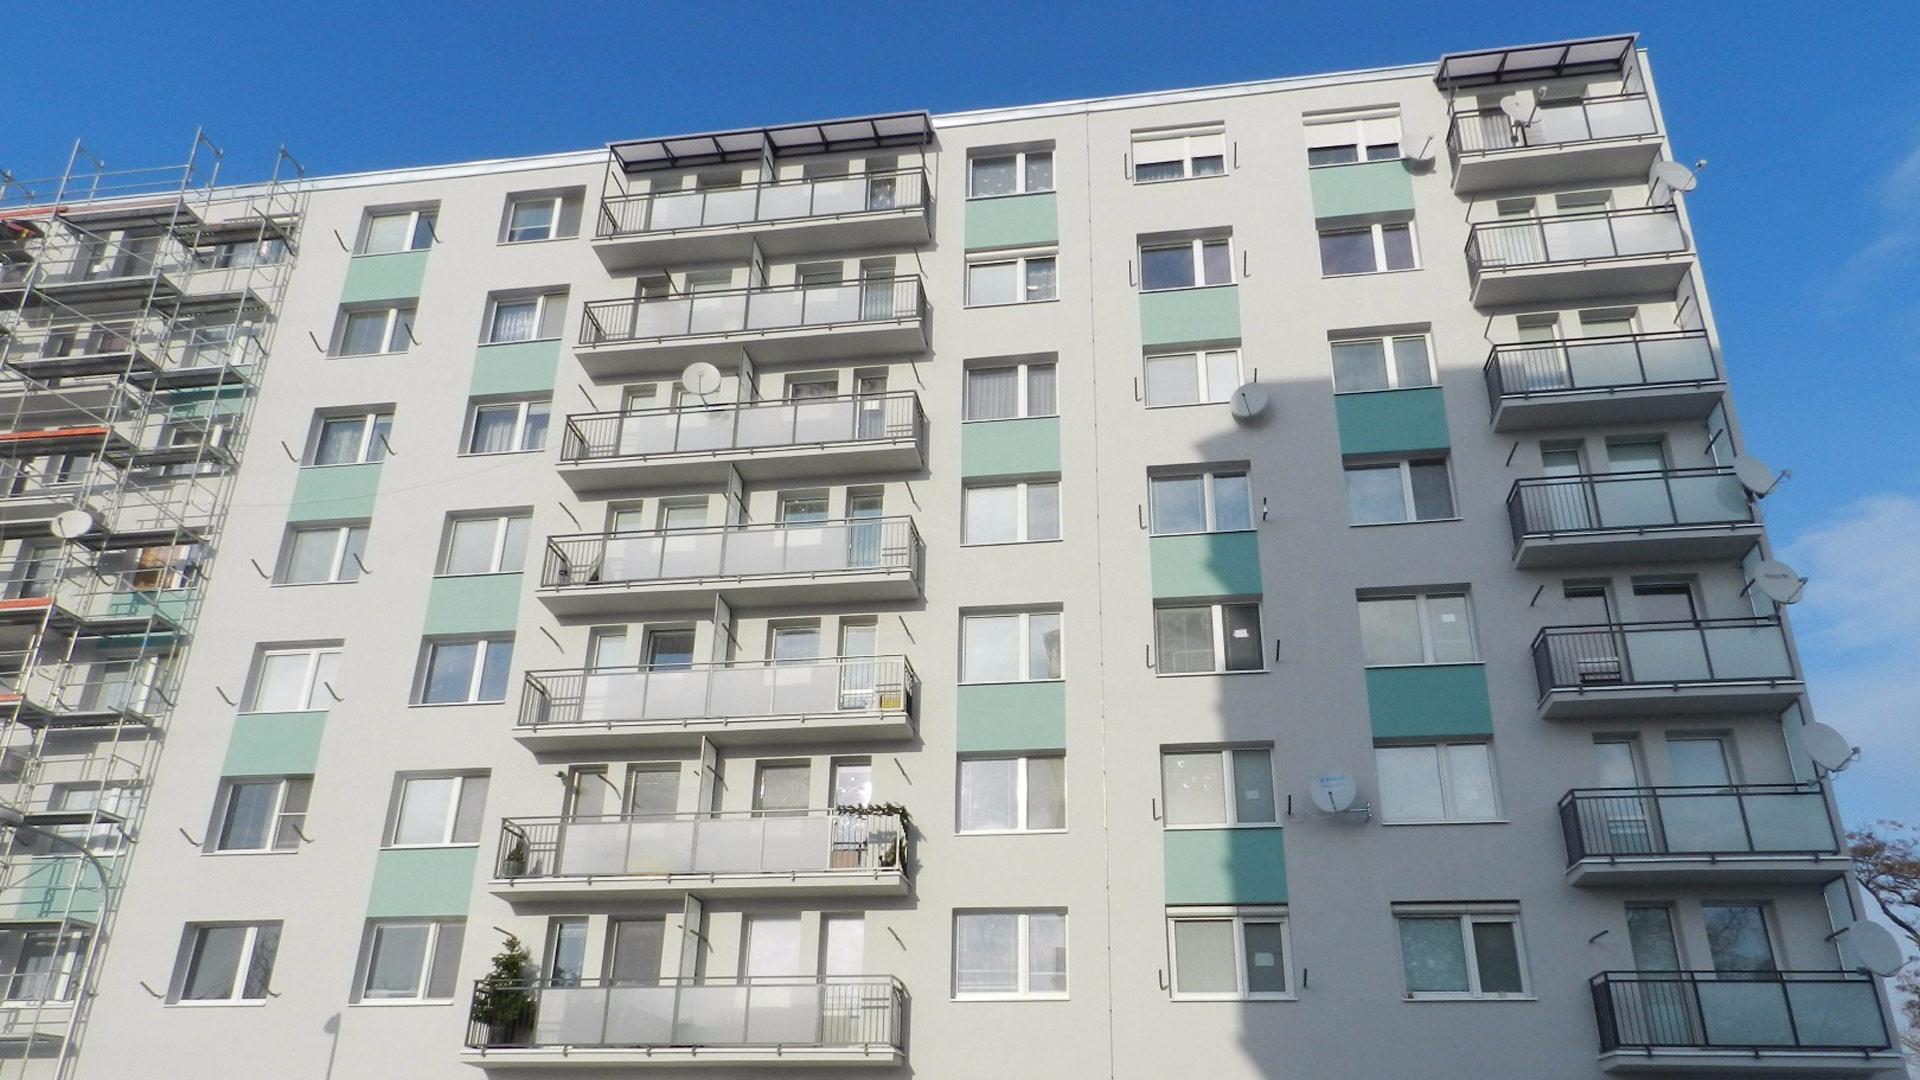 Príjemný zariadený byt v centre Piešťan